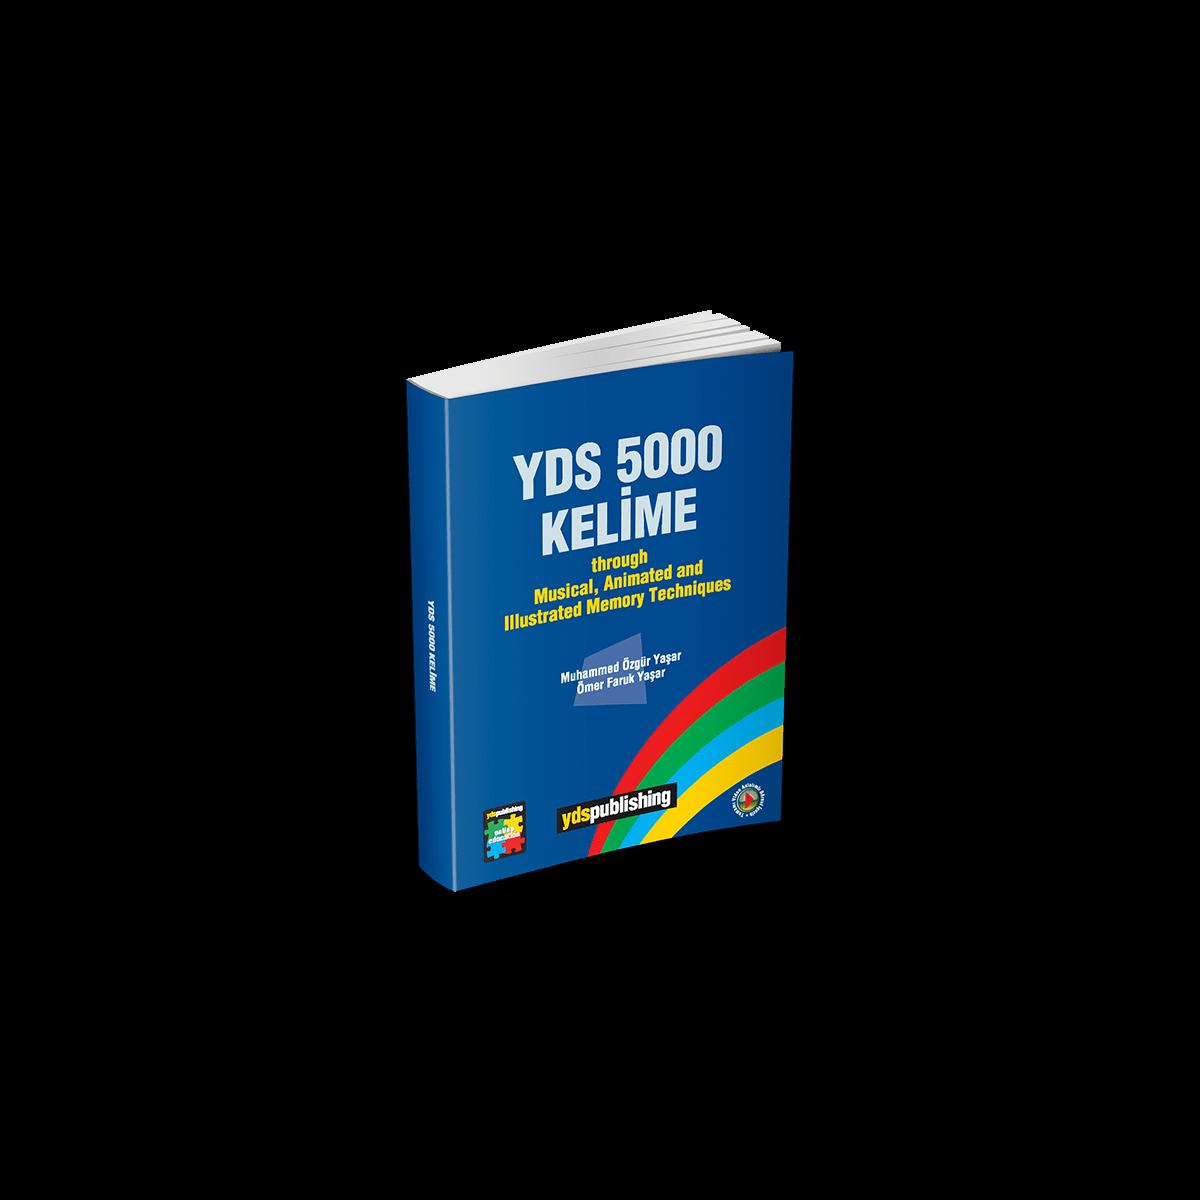 YDS 5000 Kelime (Memorize 5000 Words) yds 5000 kelime YDS 5000 Kelime (Memorize 5000 Words) – YDS'de sık çıkan 5000 kelime 5000 kelime 001 min 1200x1200